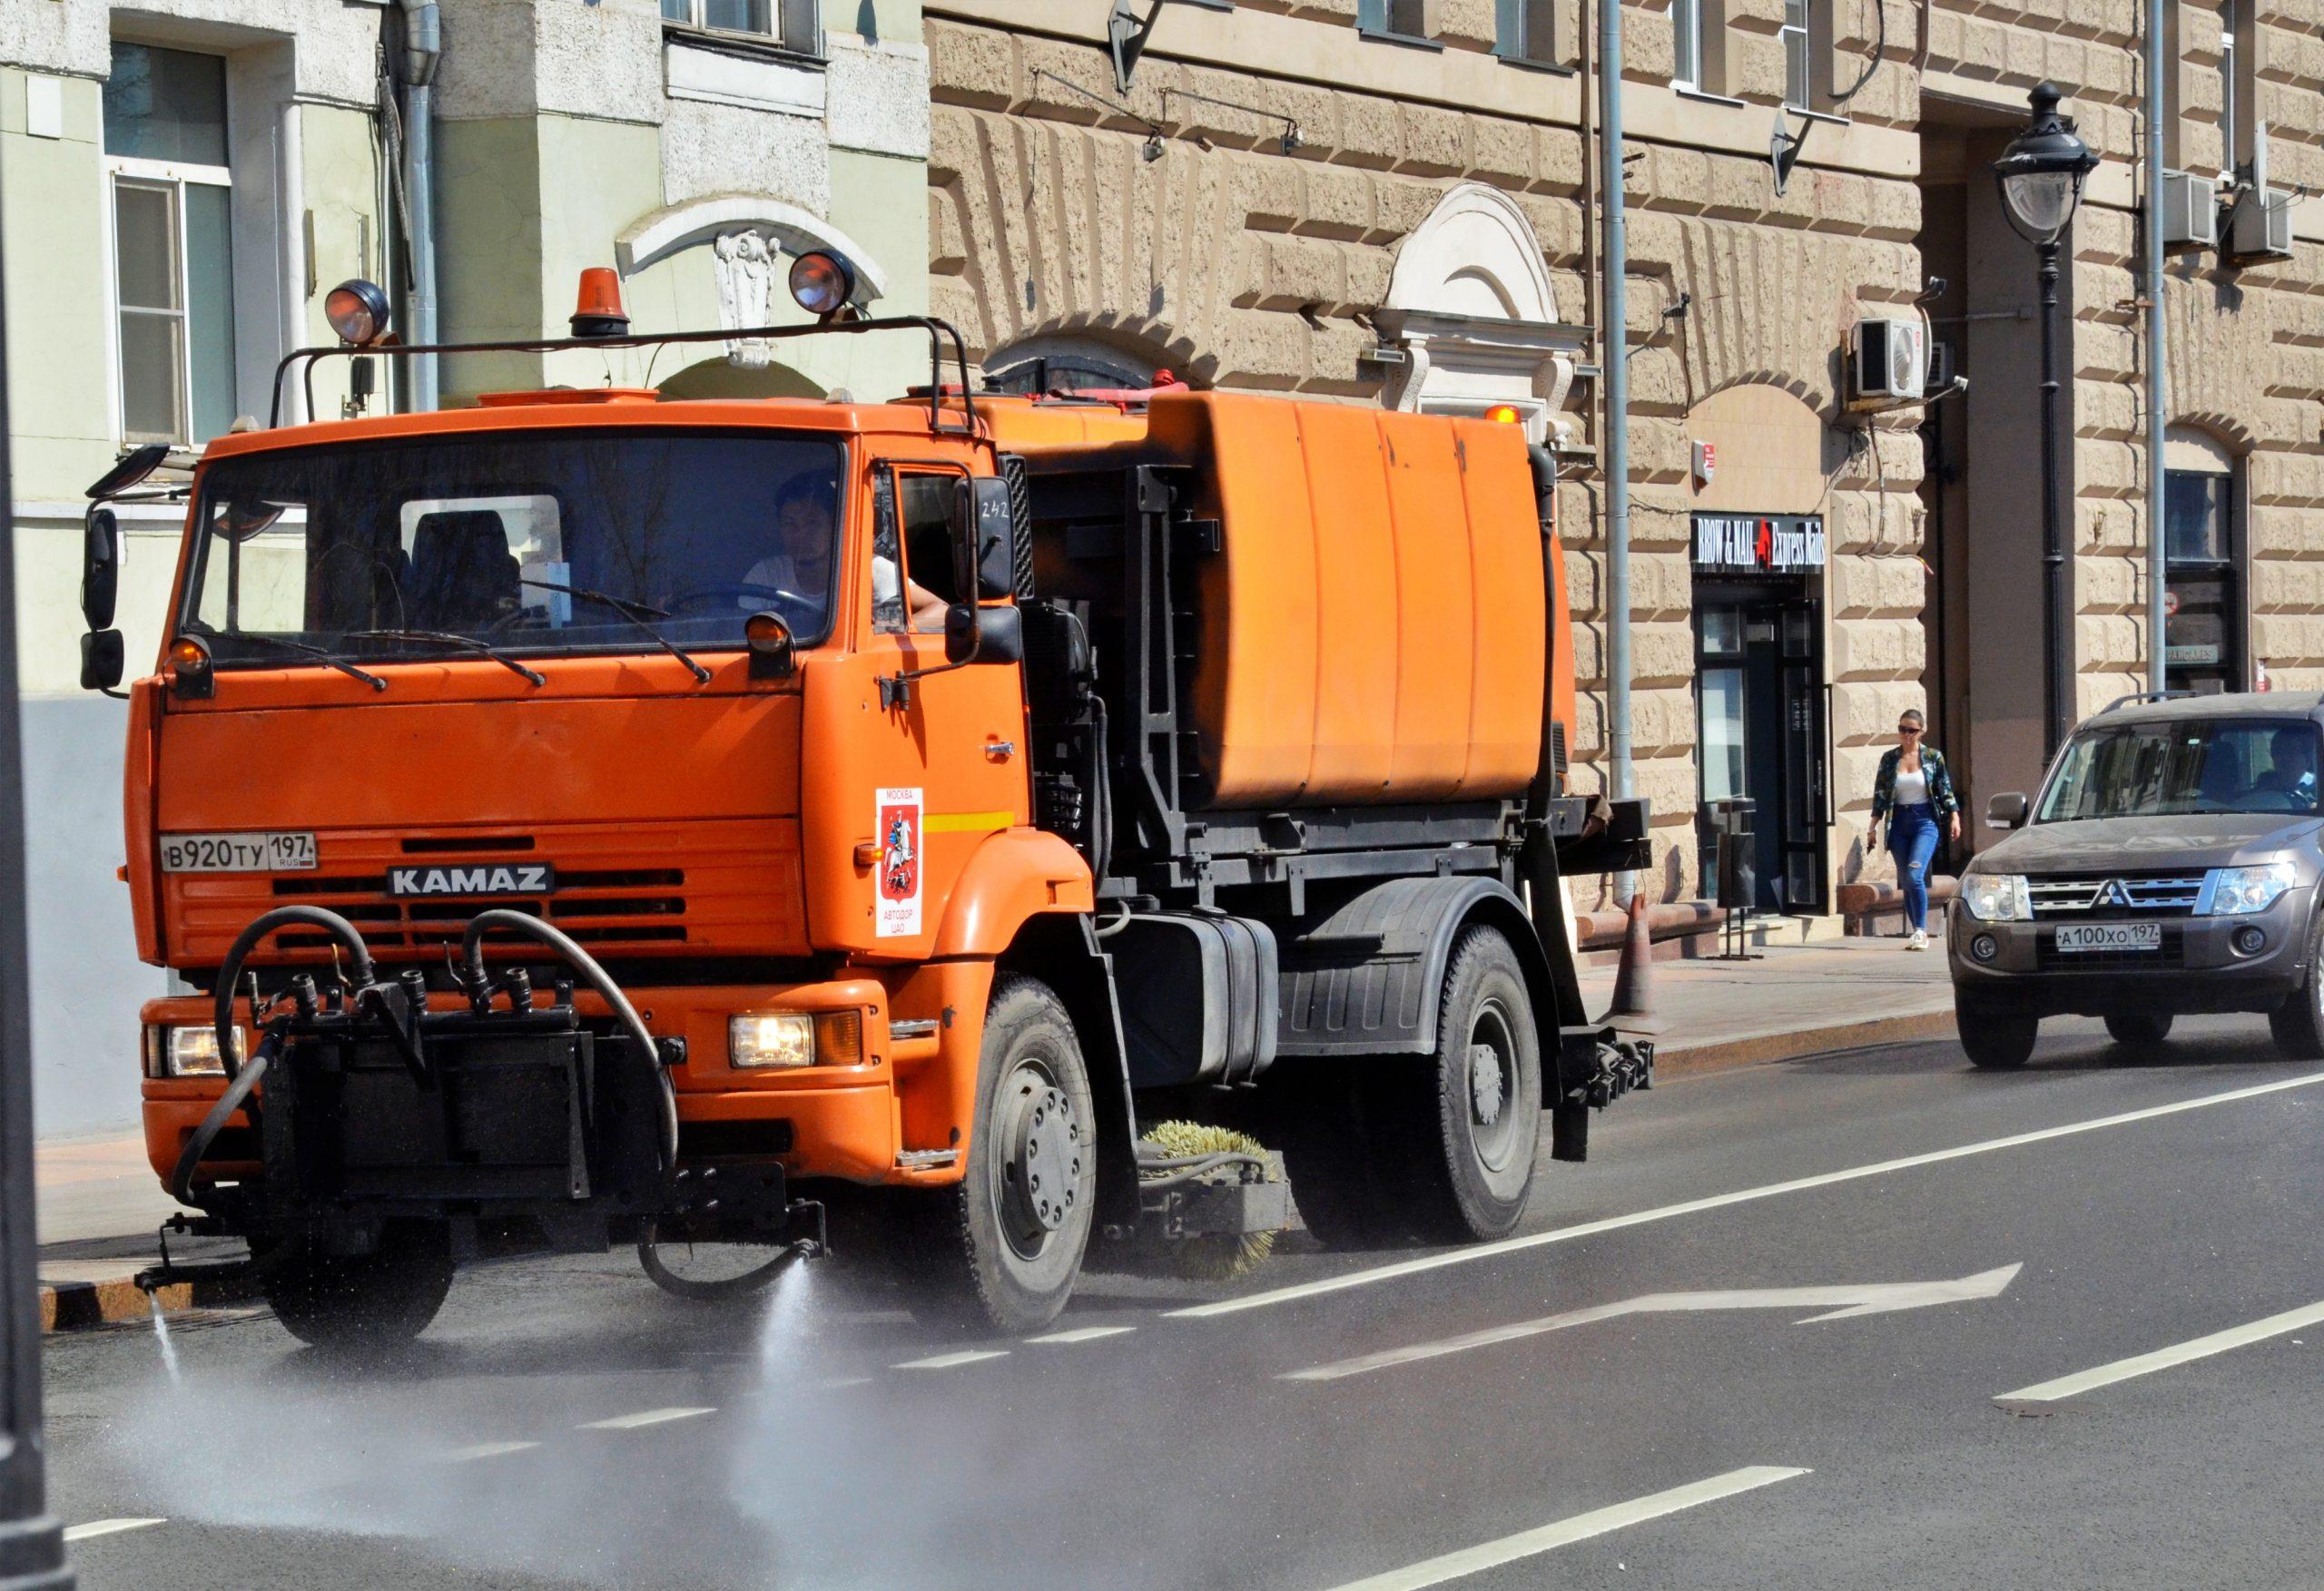 Уборочную технику Москвы приготовили к коммунальному осенне-зимнему периоду. Фото: Анна Быкова